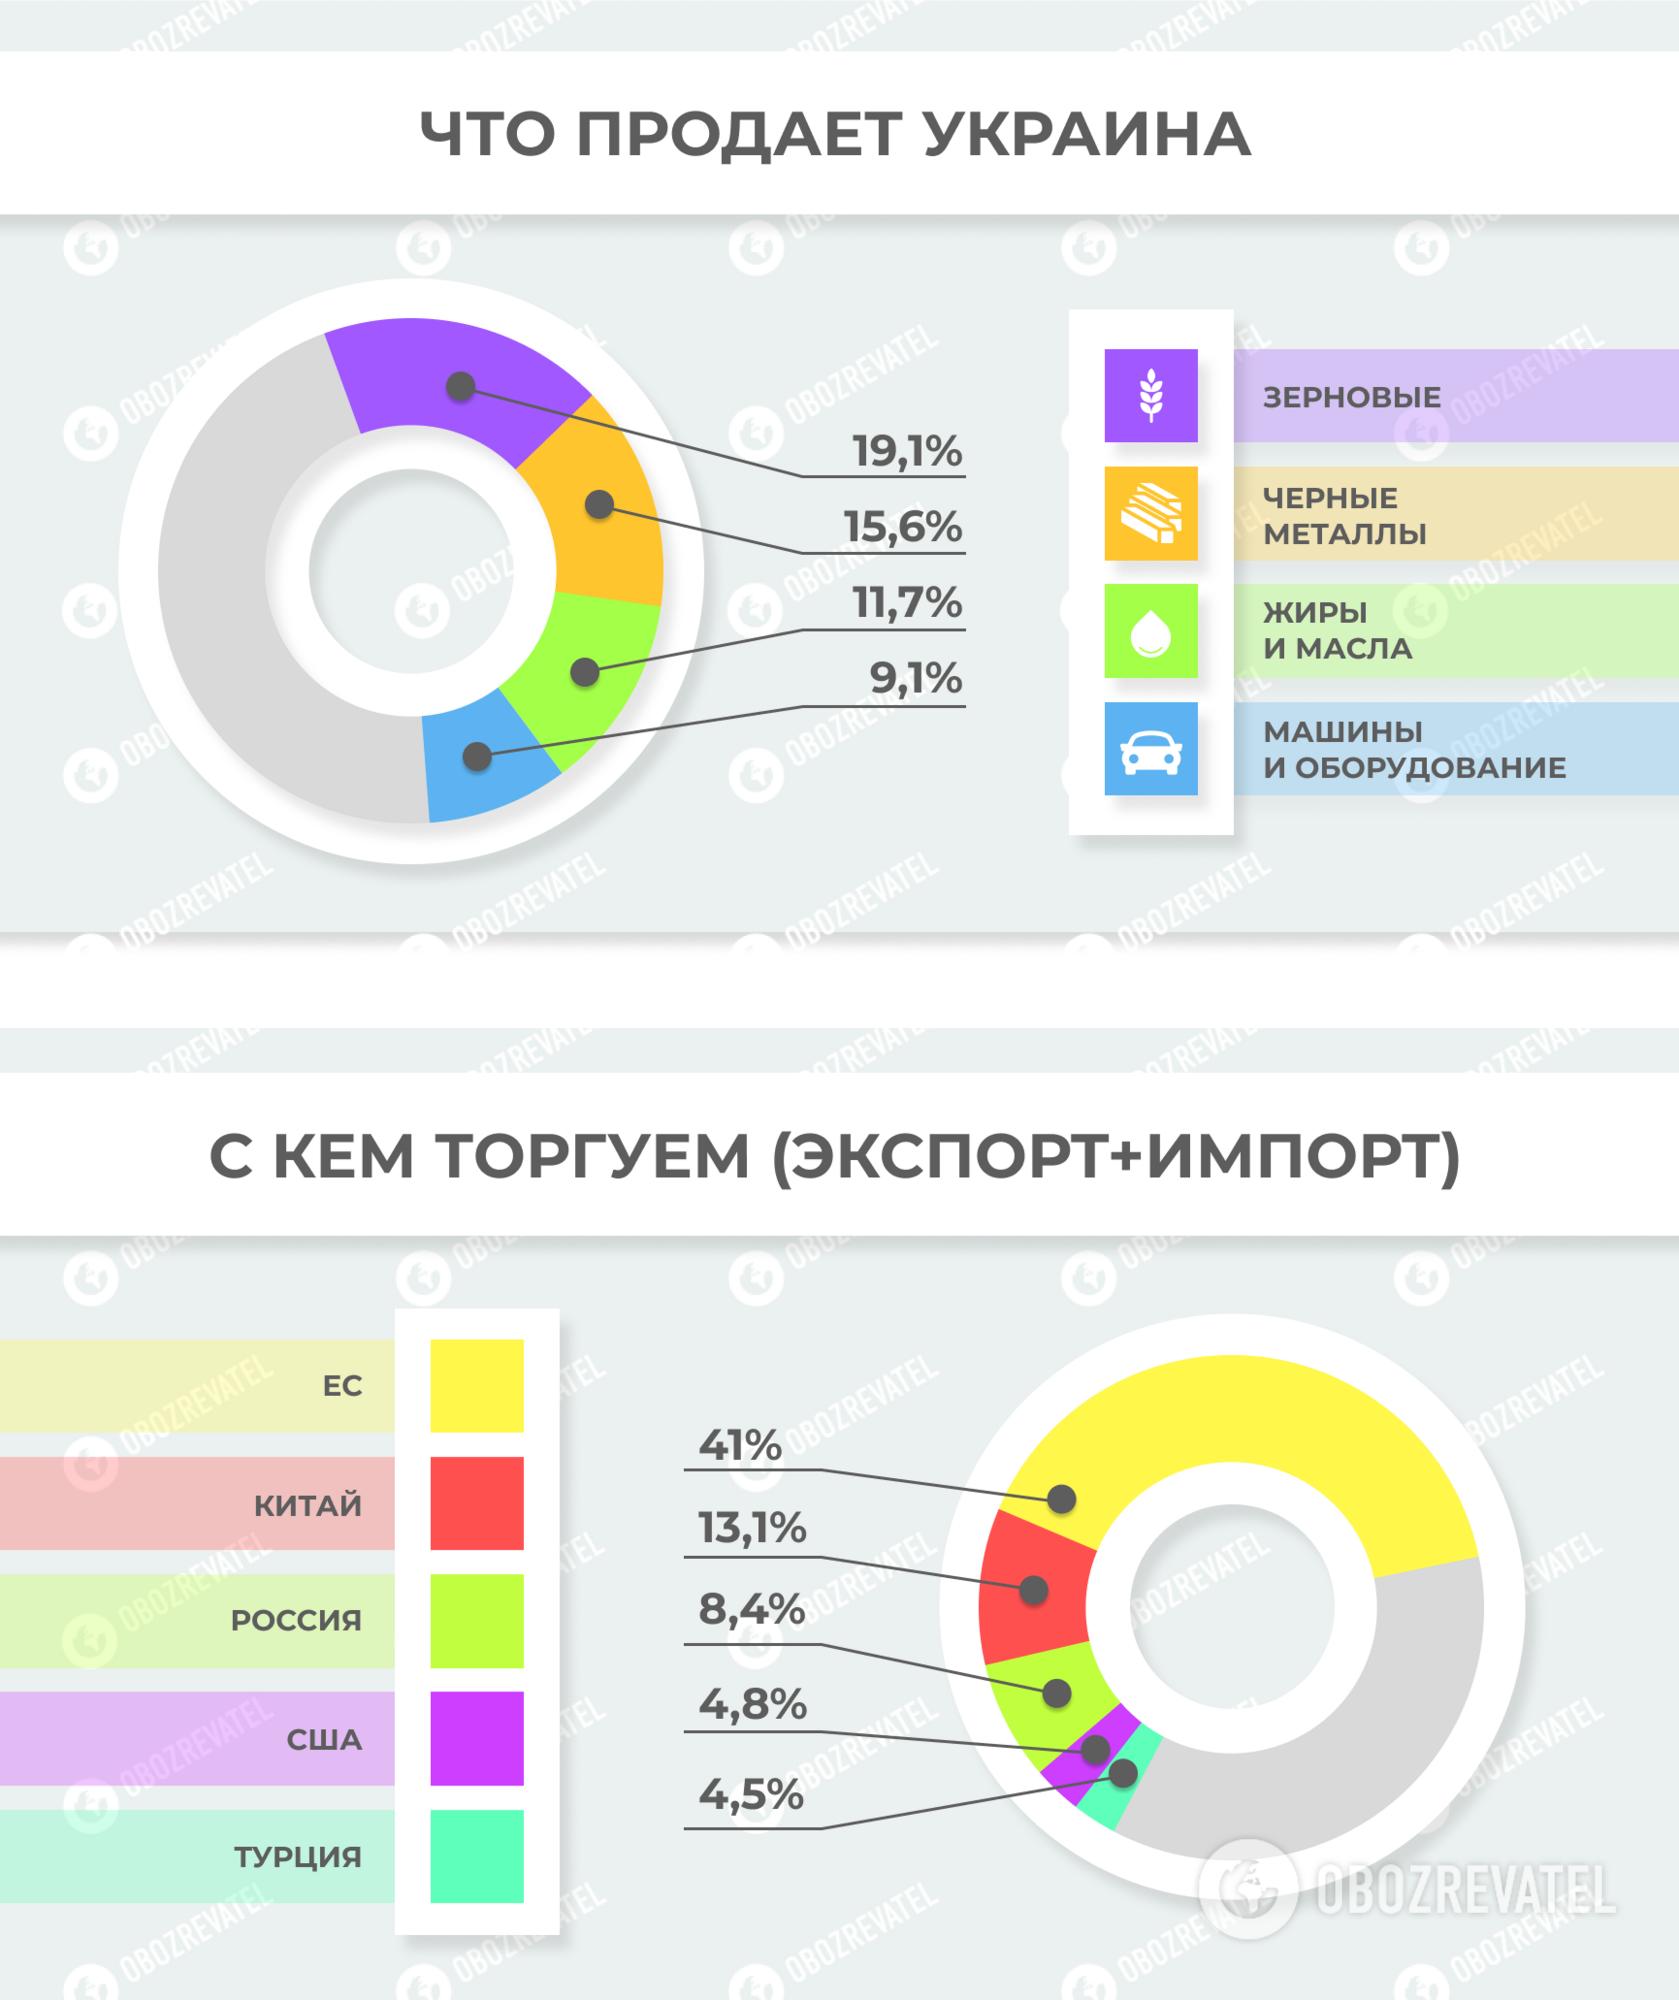 Чем и с кем торгует Украина